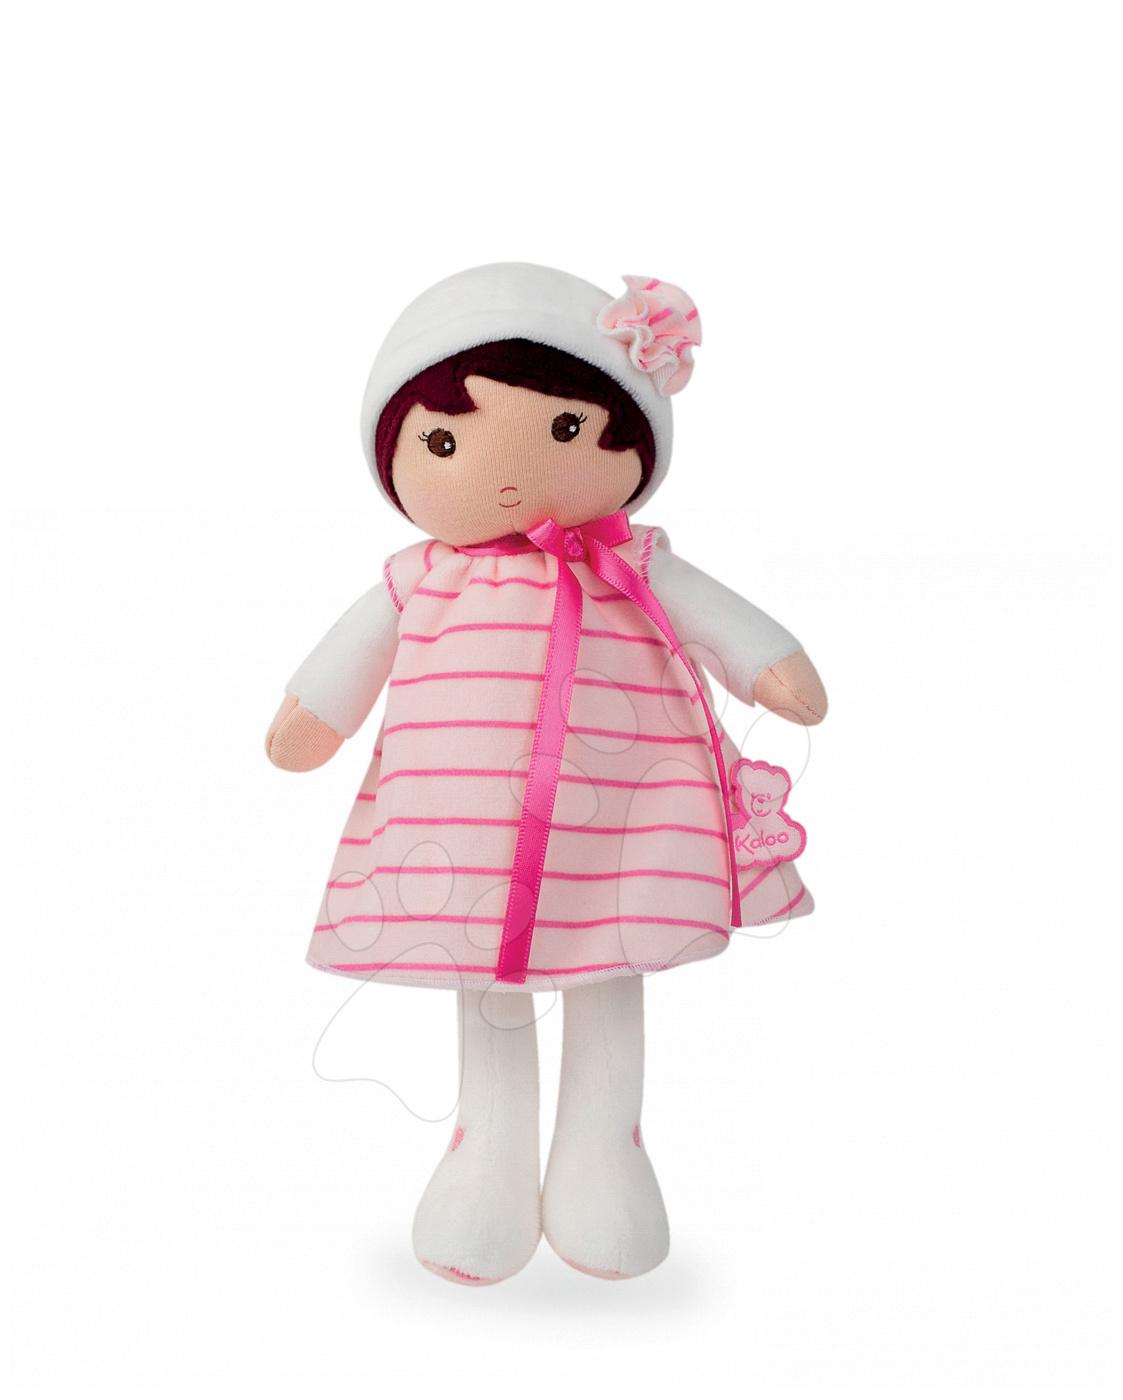 Kaloo panenka pro miminko Rose K Tendresse 25 cm 962080